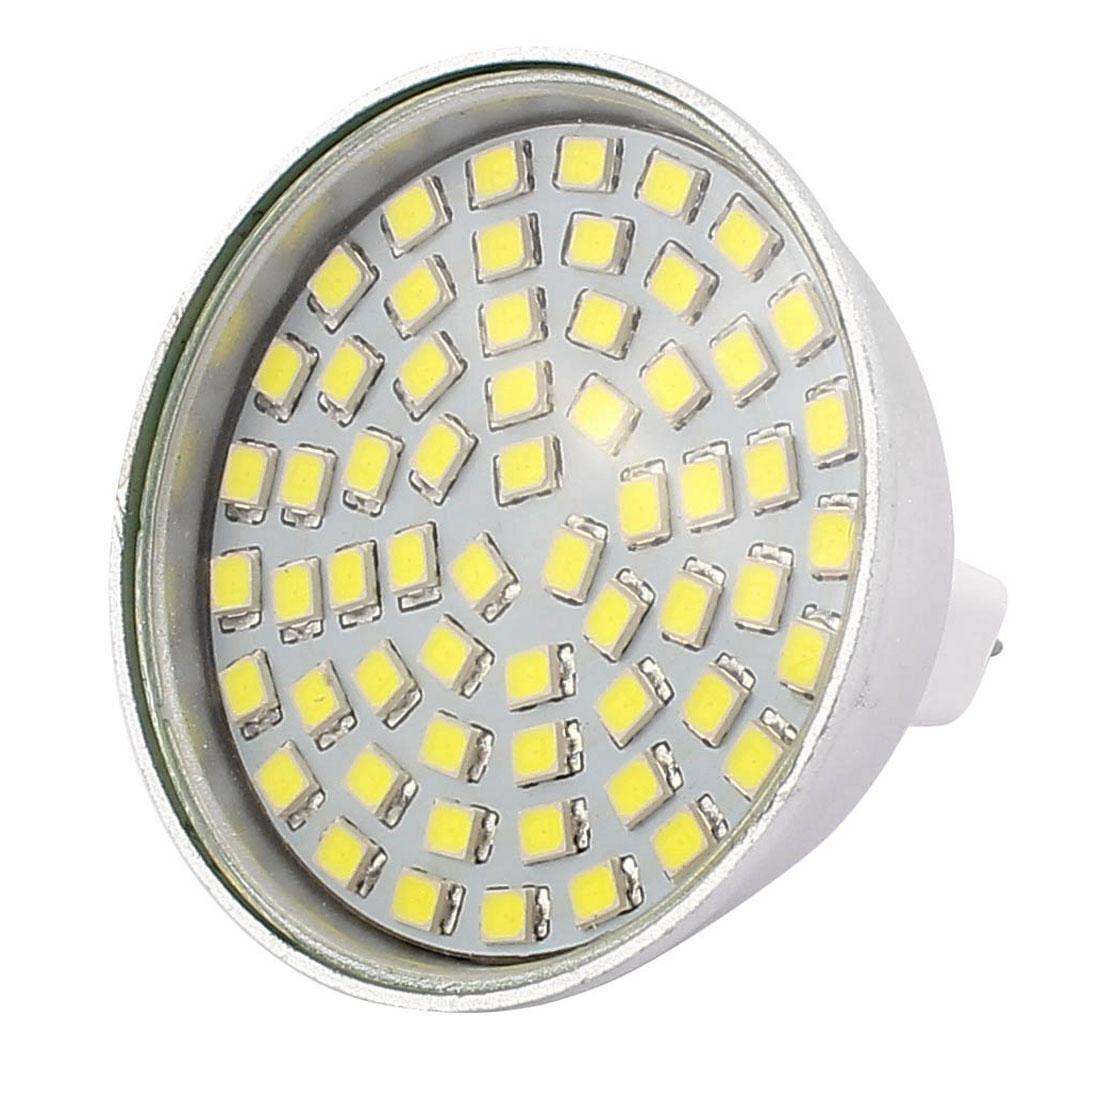 110V 6W MR16 2835 SMD 60 LEDs LED Bulb Light Spotlight Lamp Energy Saving White